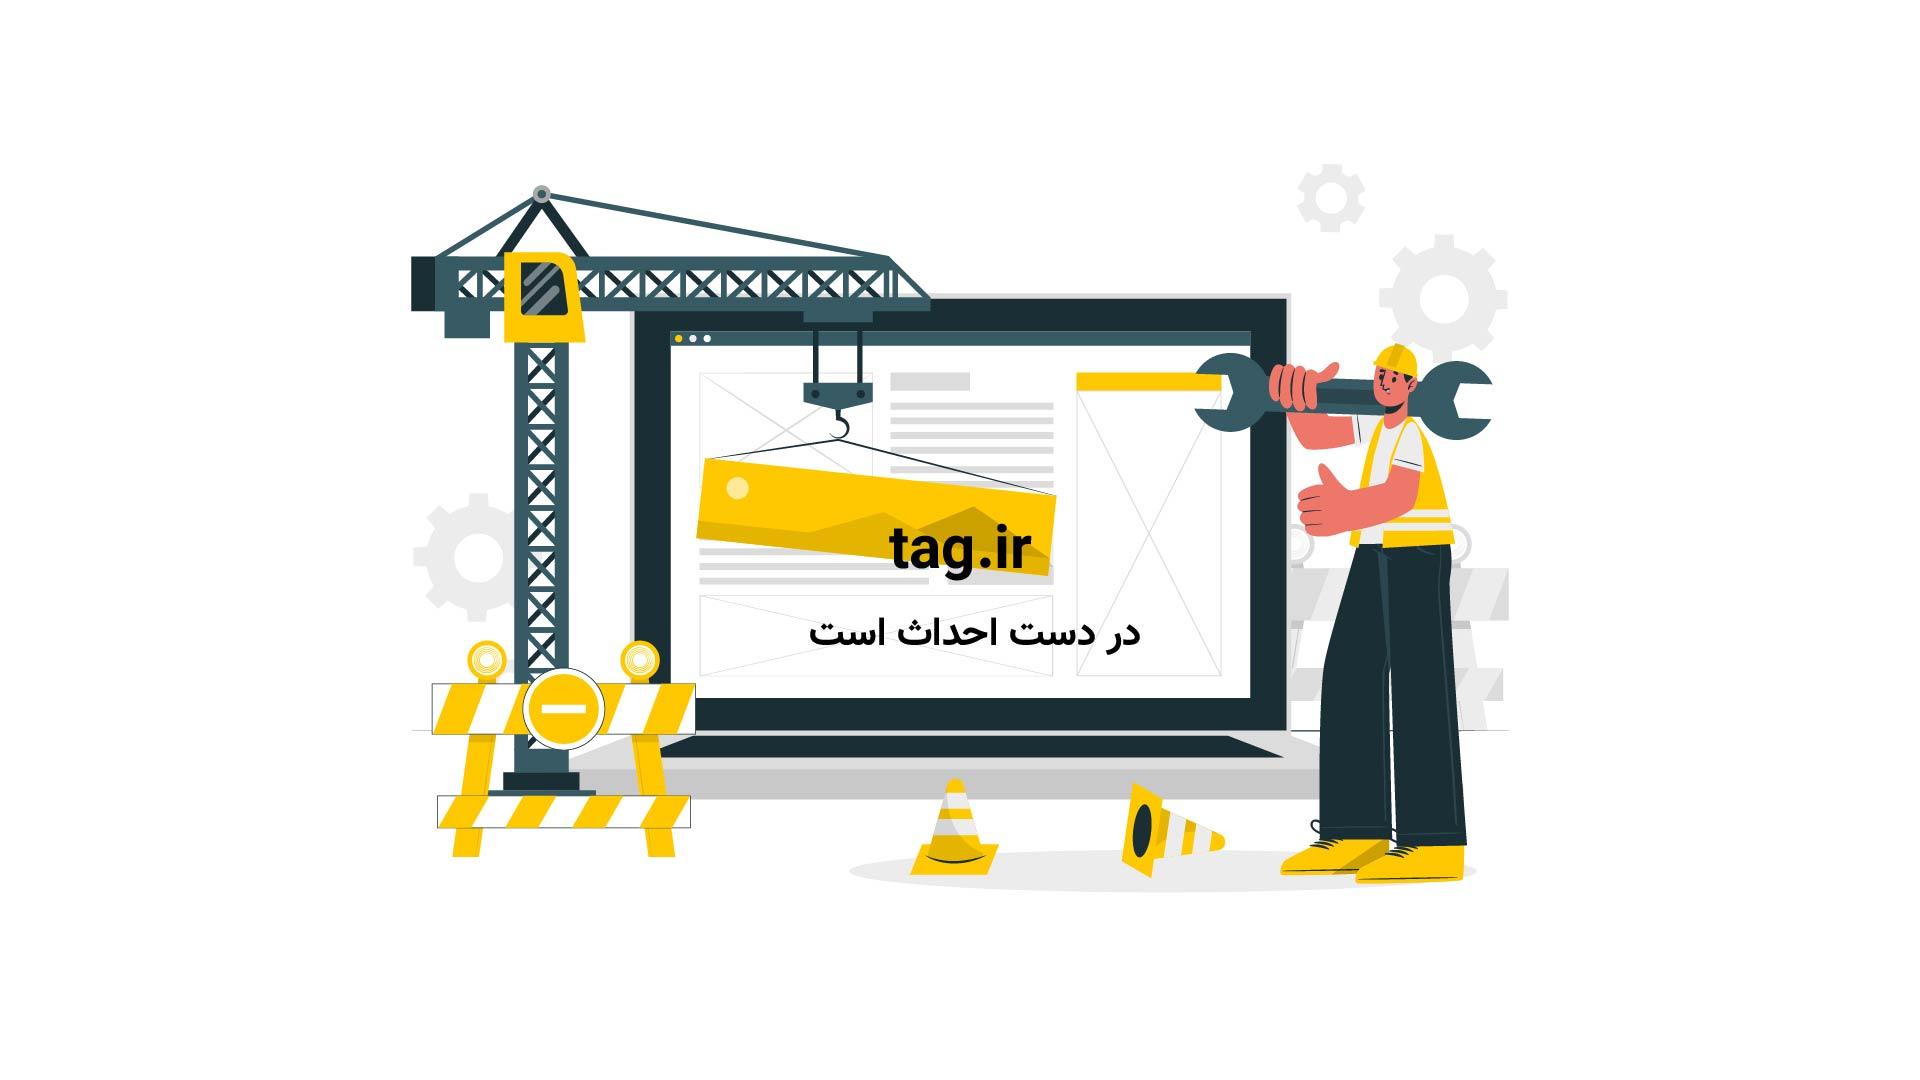 نبرد دایناسورها | تگ